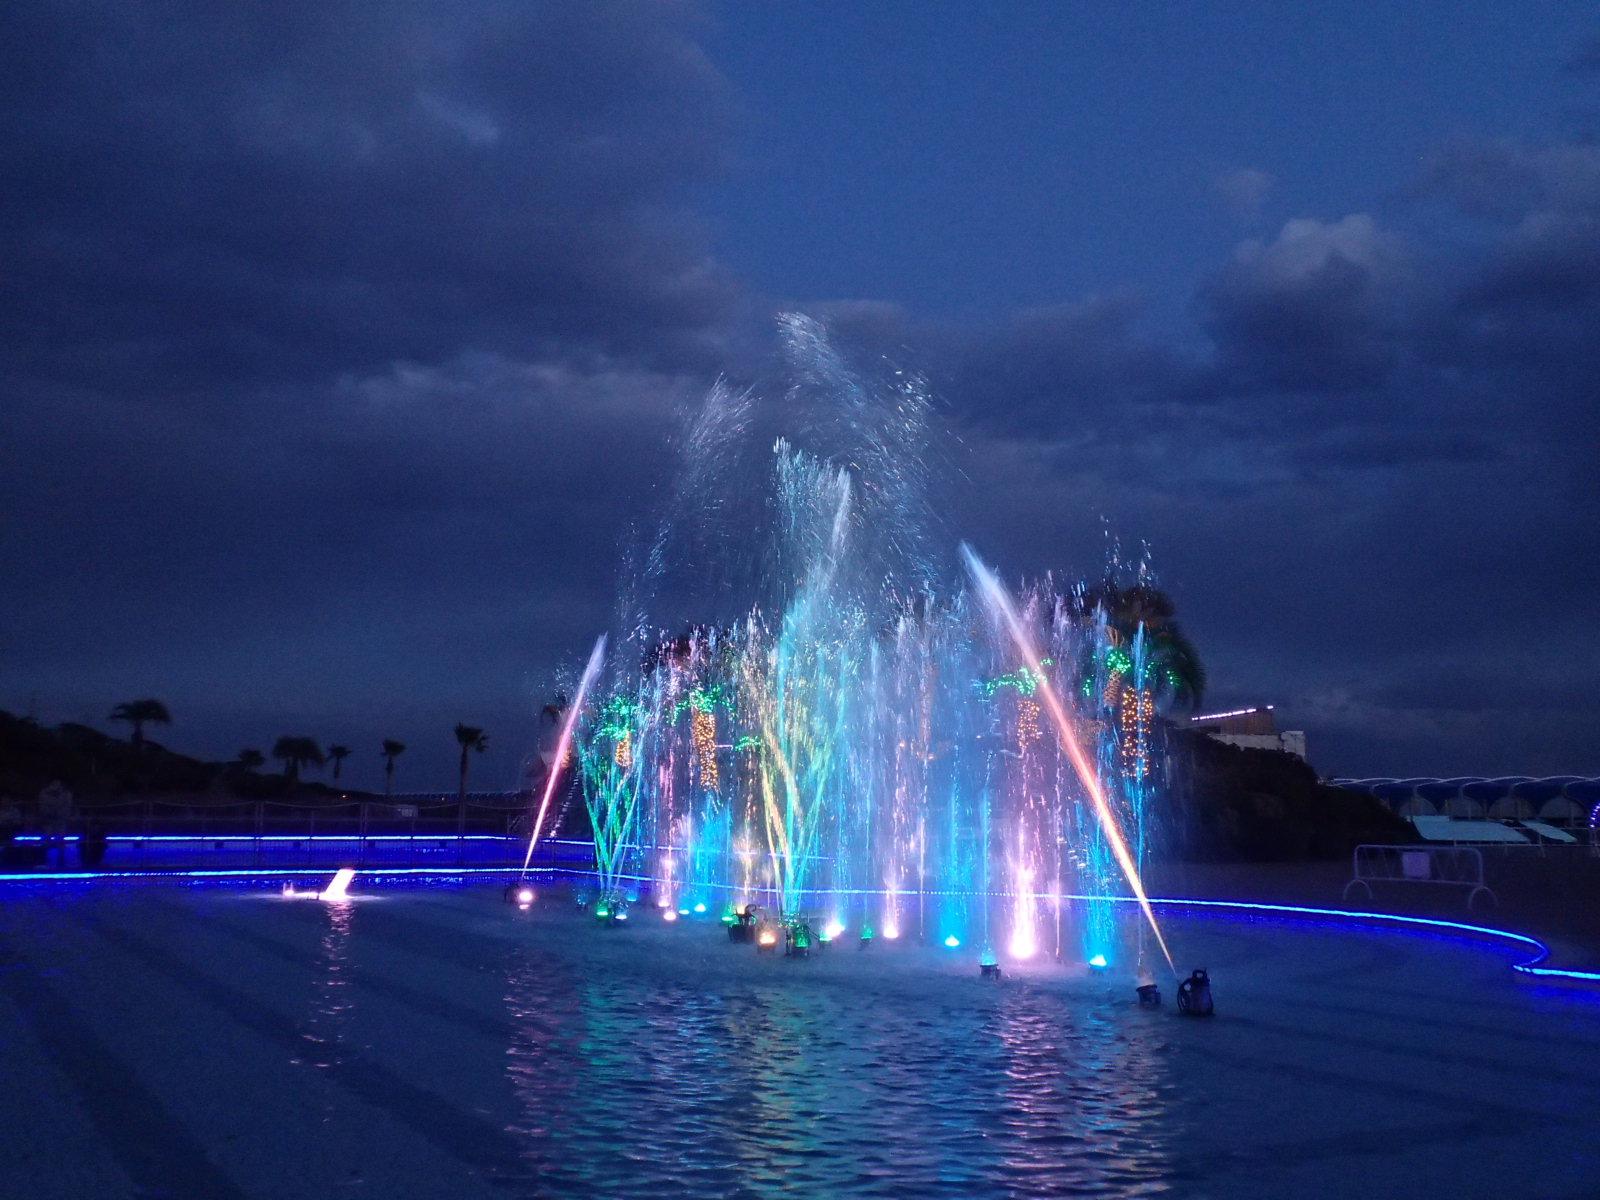 【噴水ショー】大磯プリンスホテル音楽噴水ショー(神奈川県)